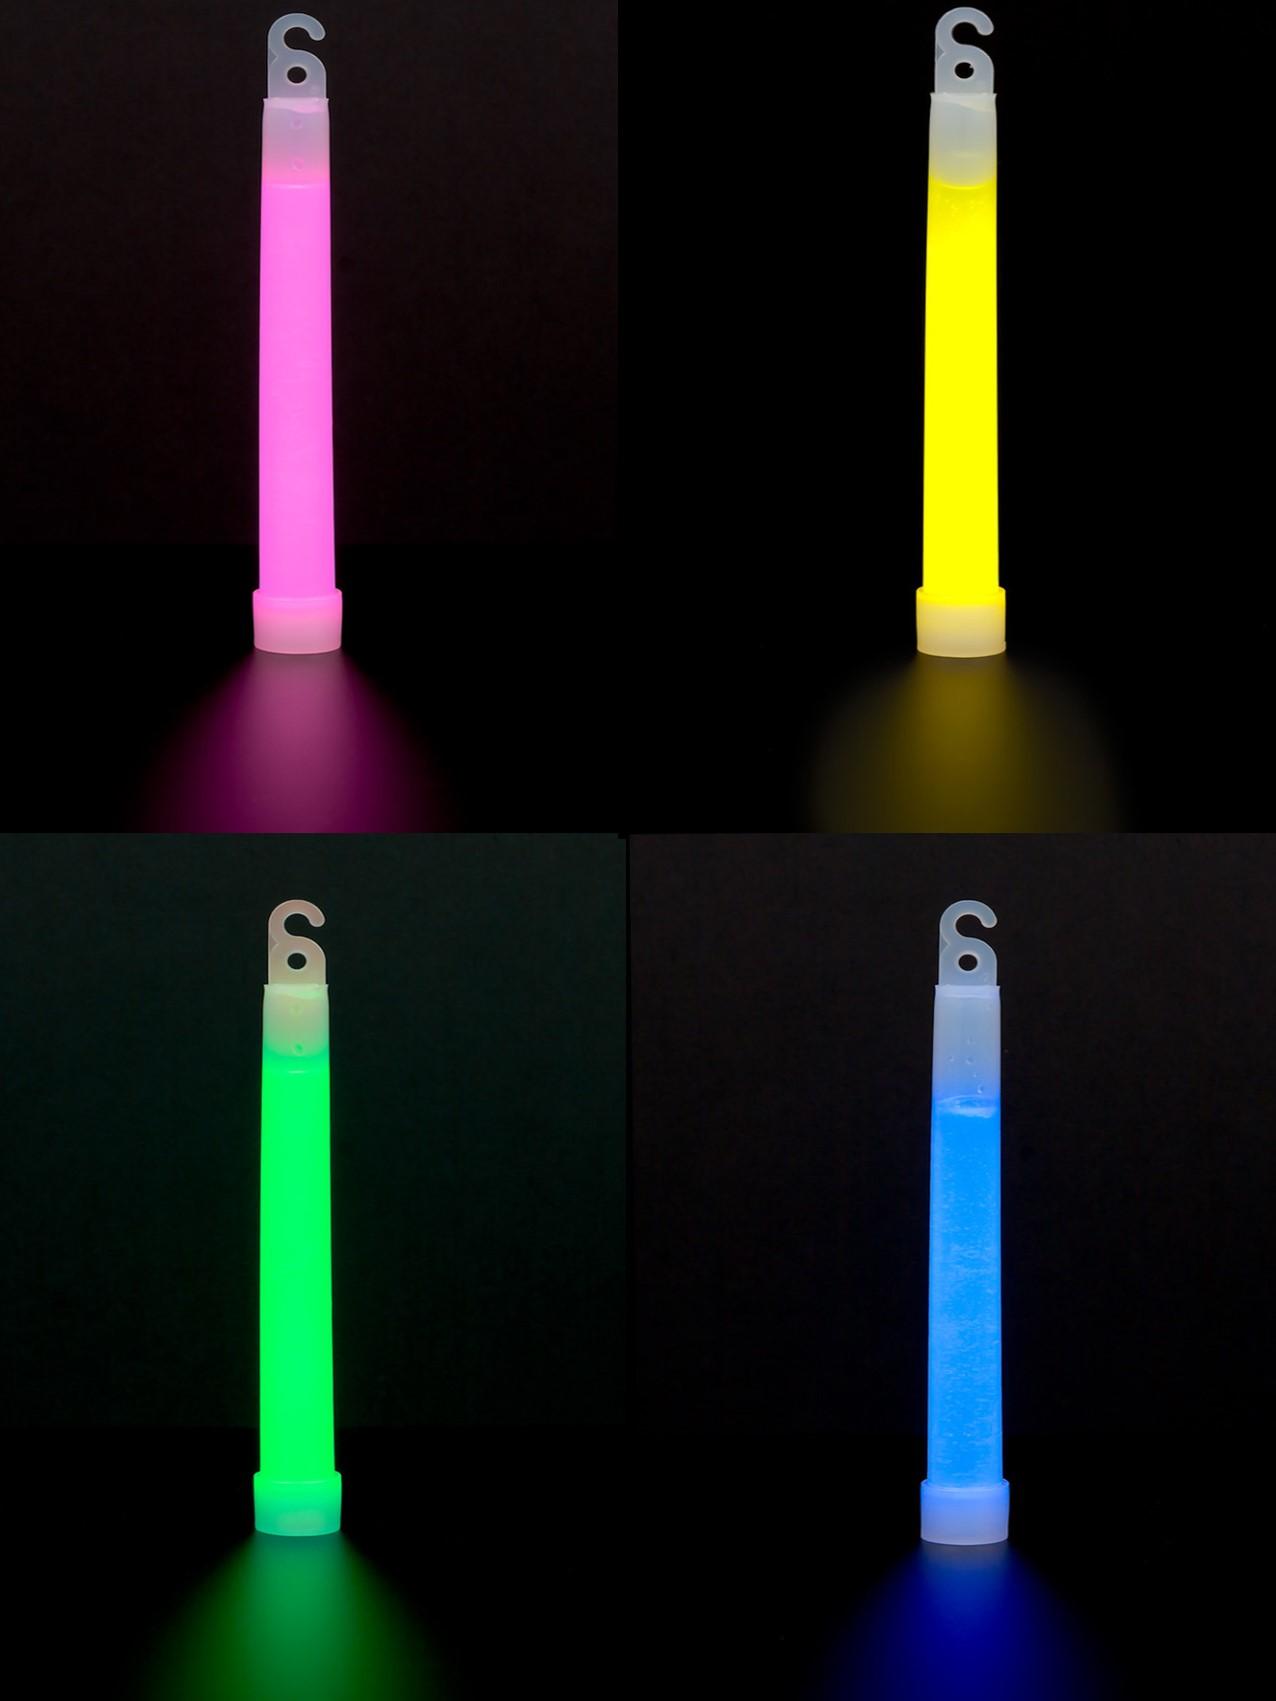 Brilla-En-La-Oscuridad-Rosa-azul-amarillo-cordon-Neon-palo-Festival-FIESTAS-80s